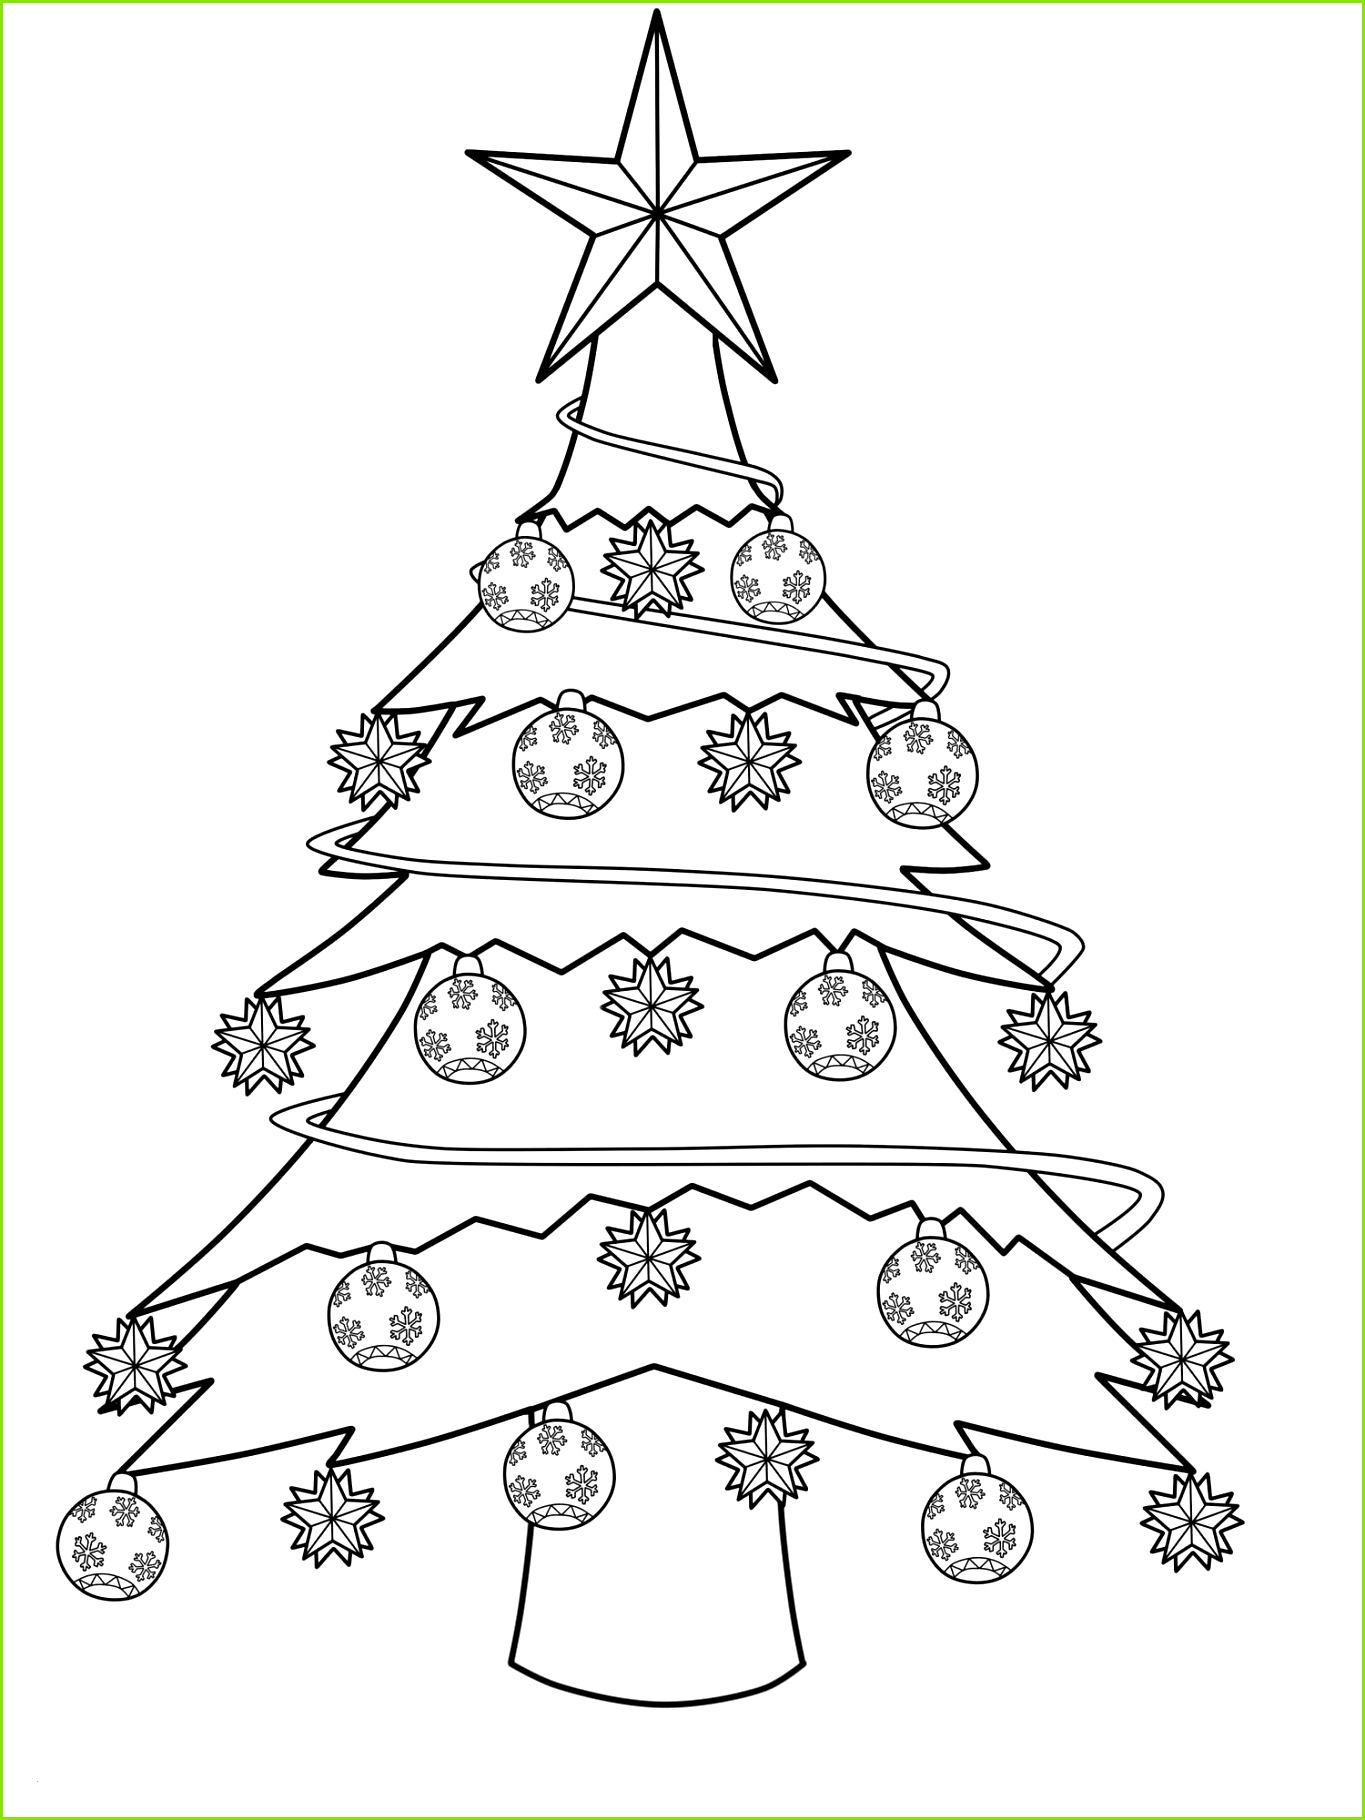 Malvorlage Christbaum Inspirierend Stück Weihnachtsbaum Vorlage Zum Ausdrucken Fotos